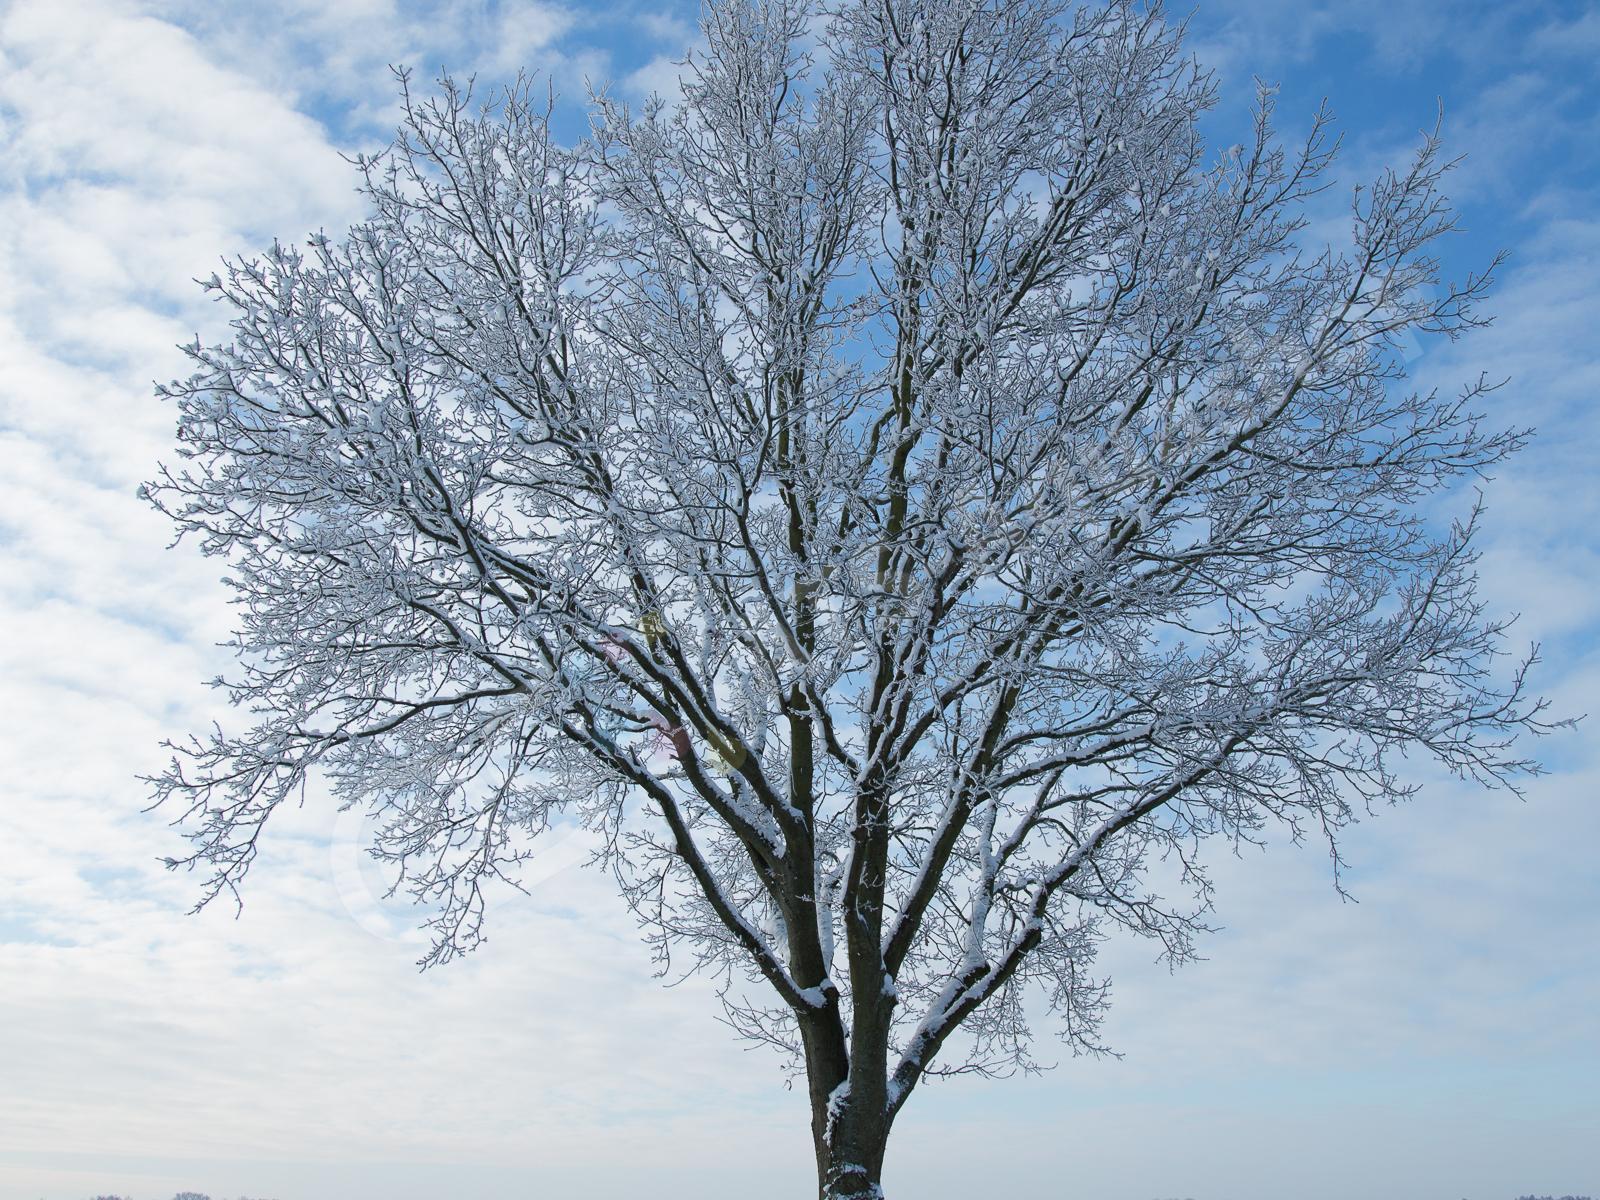 winterimpressionen andreas tanke 0159 7